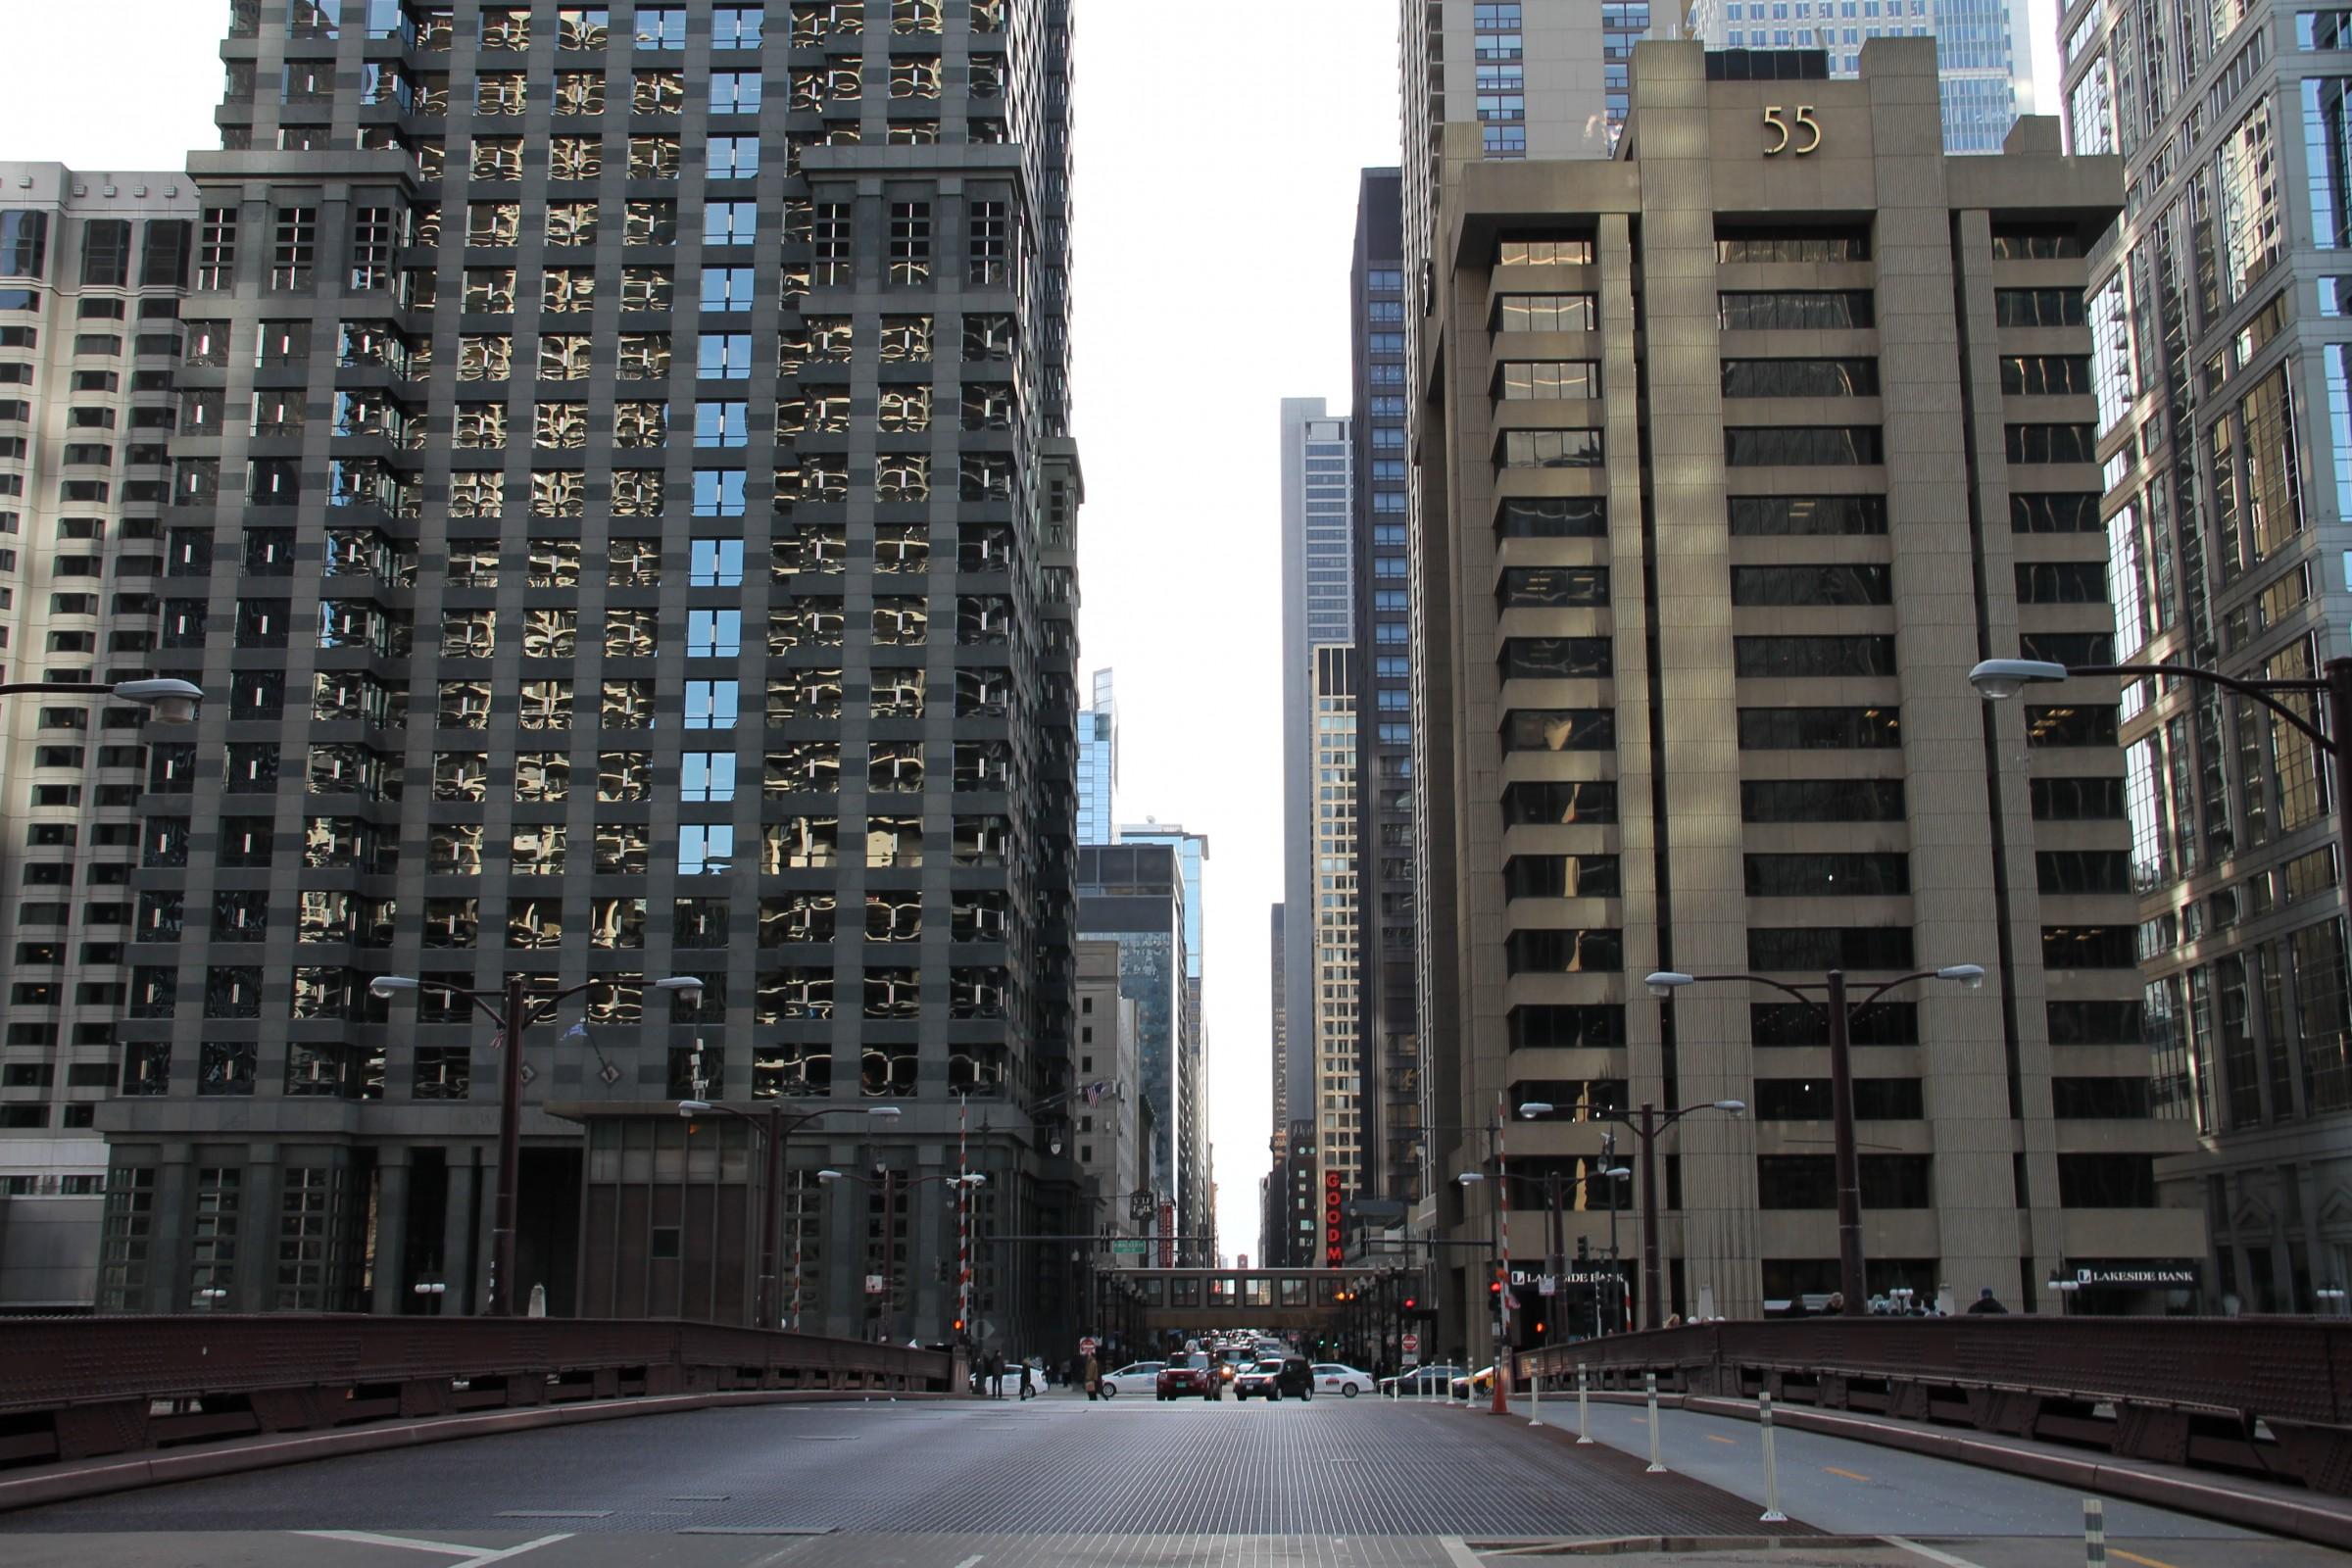 Free Stock Photo of Bridge Street Into City Buildings